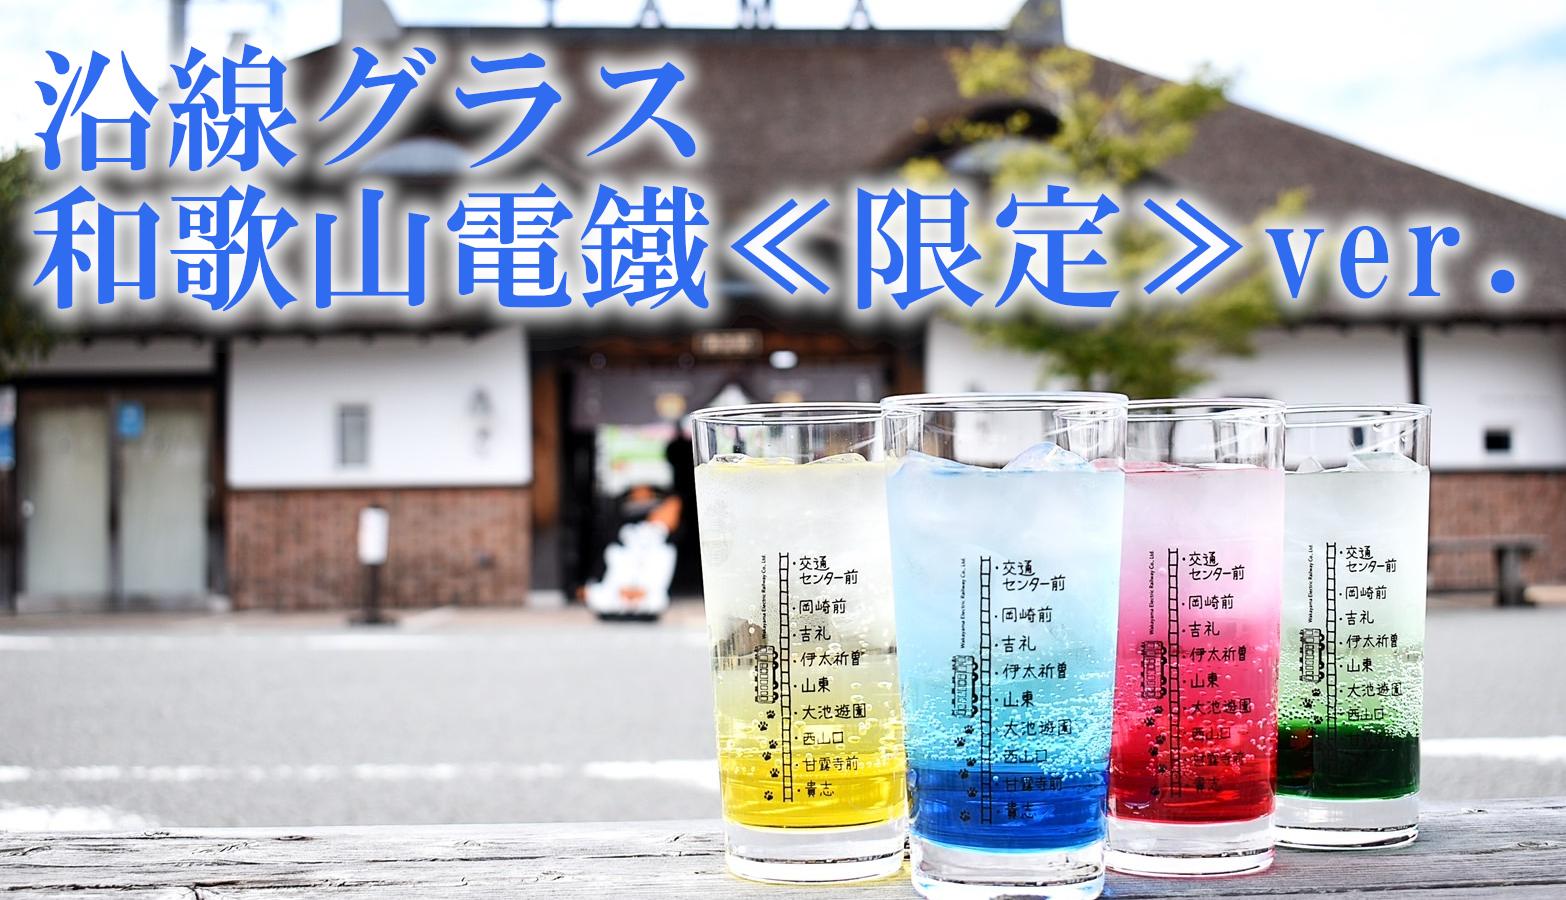 沿線グラス和歌山電鐵≪限定≫ver.貴志川線